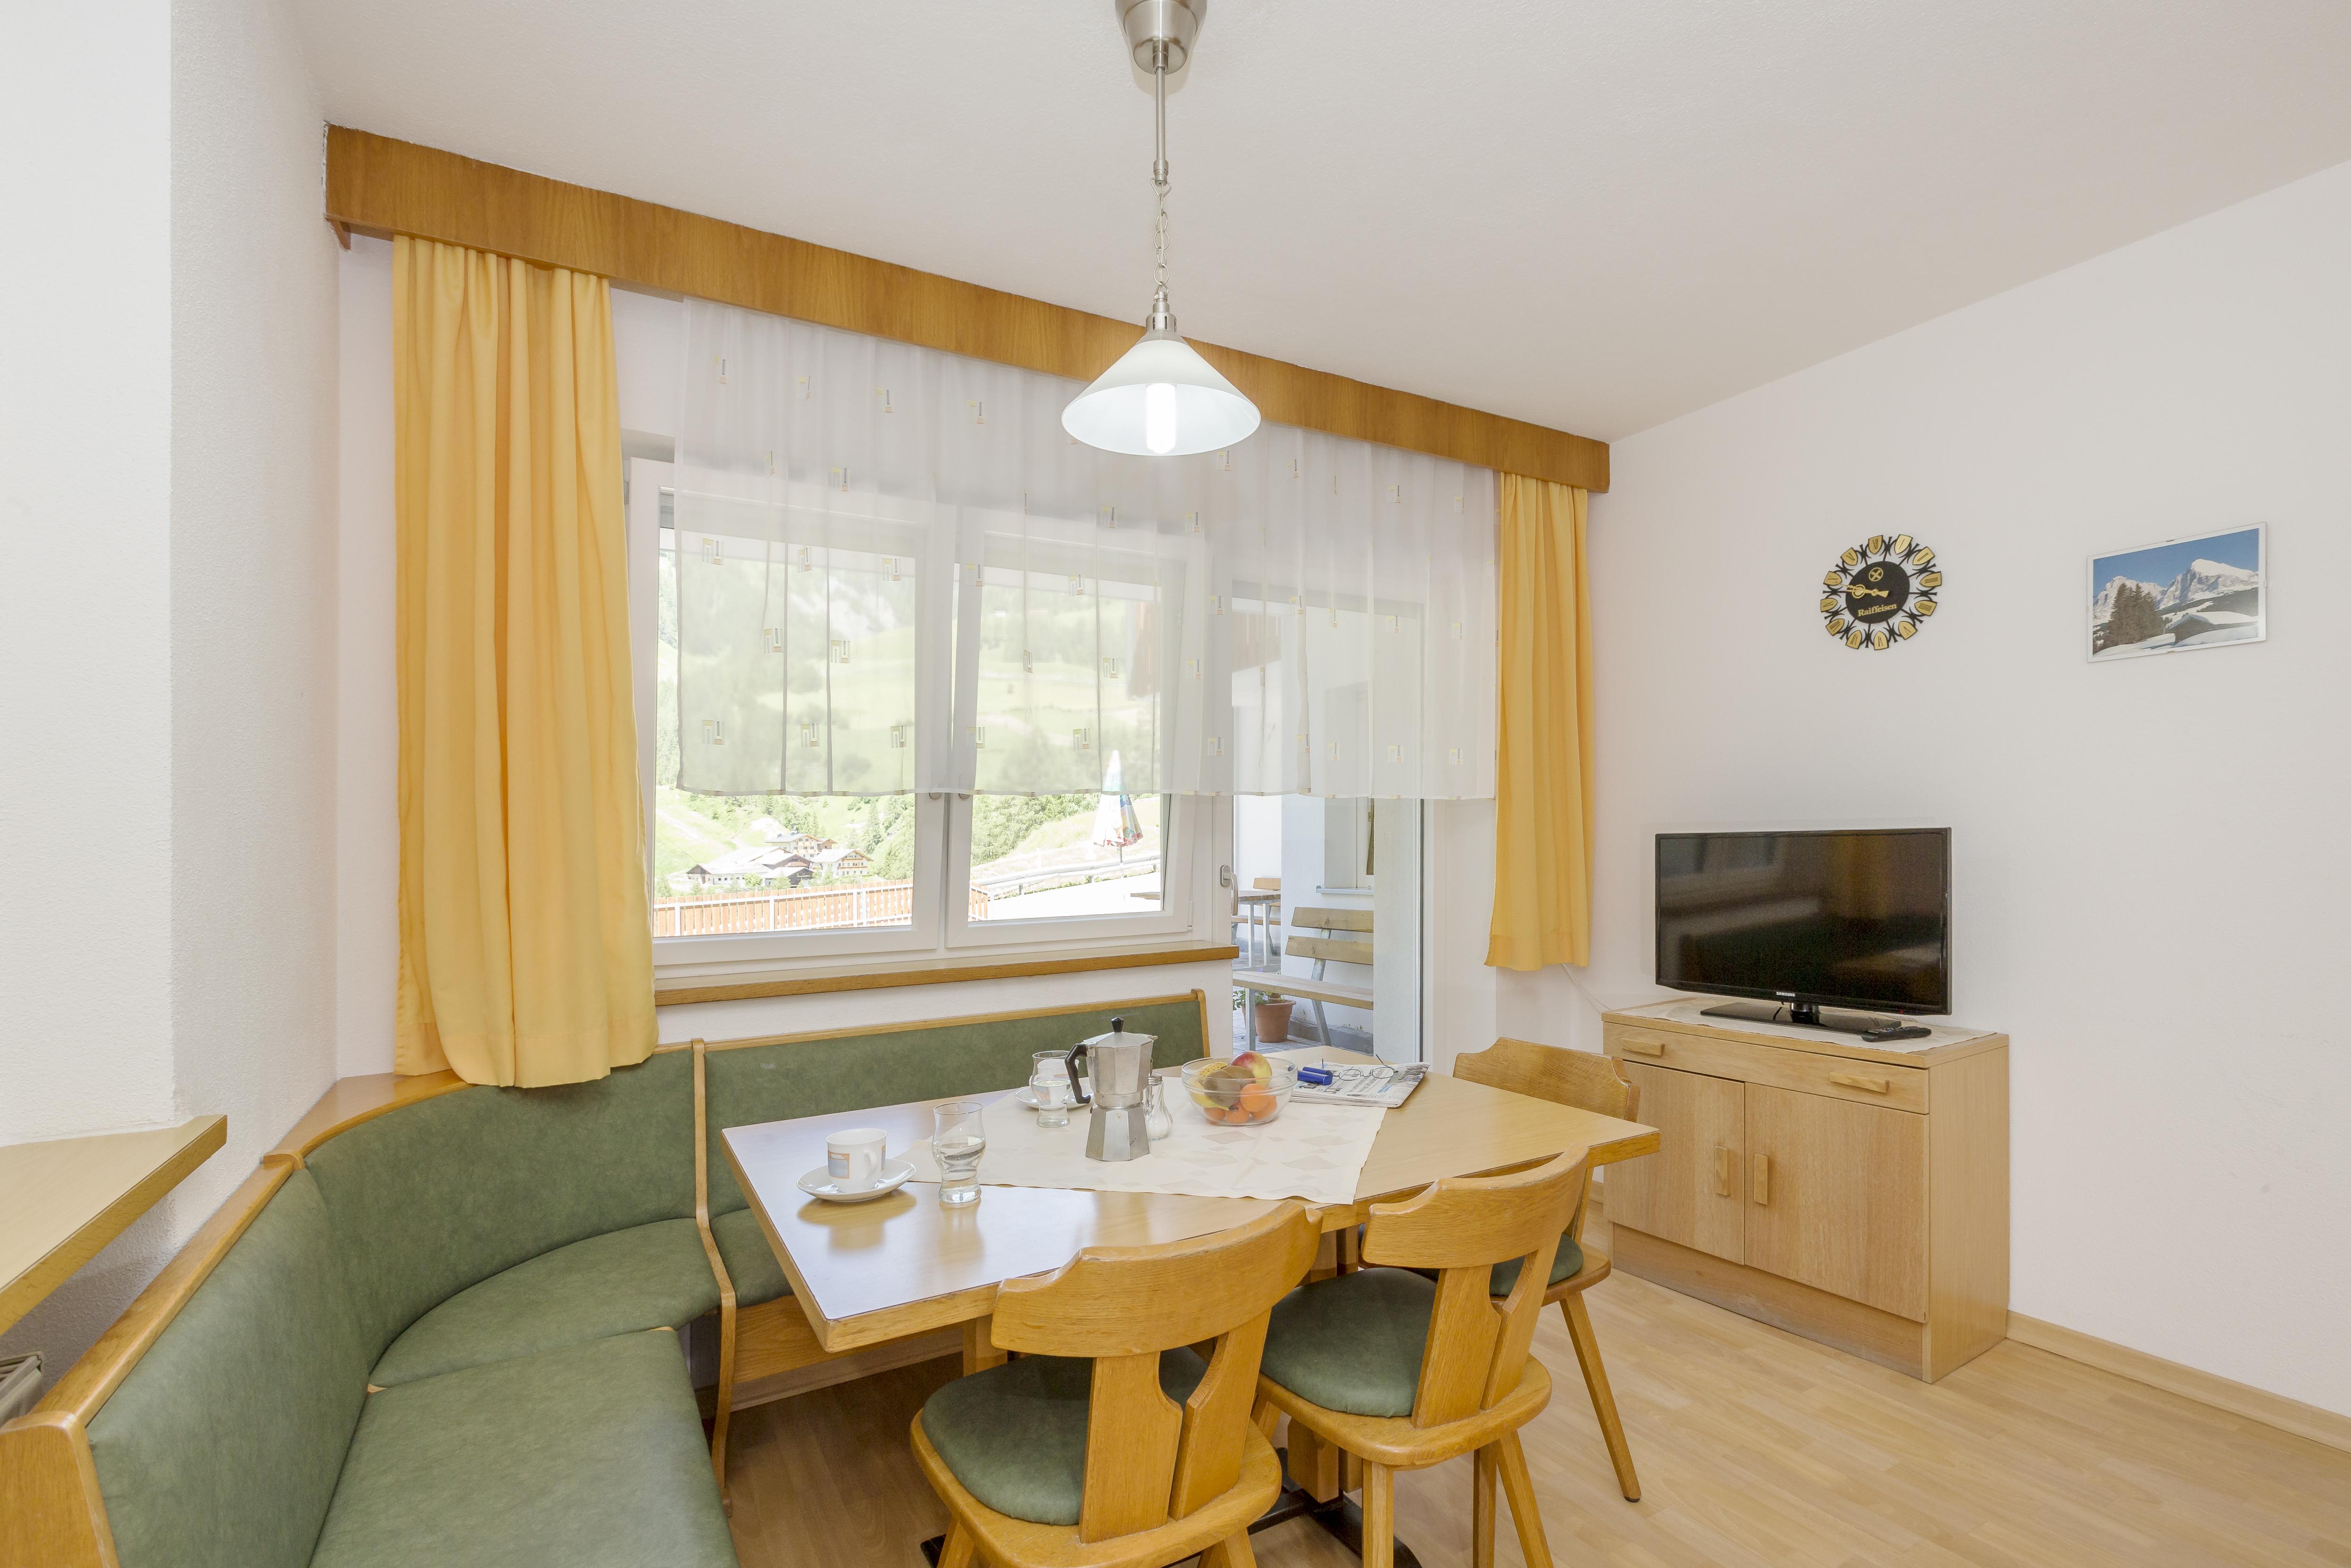 ferienwohnungen im sonneck in lappach im m hlwaldertal appartaments in m hlwald in s dtirol. Black Bedroom Furniture Sets. Home Design Ideas